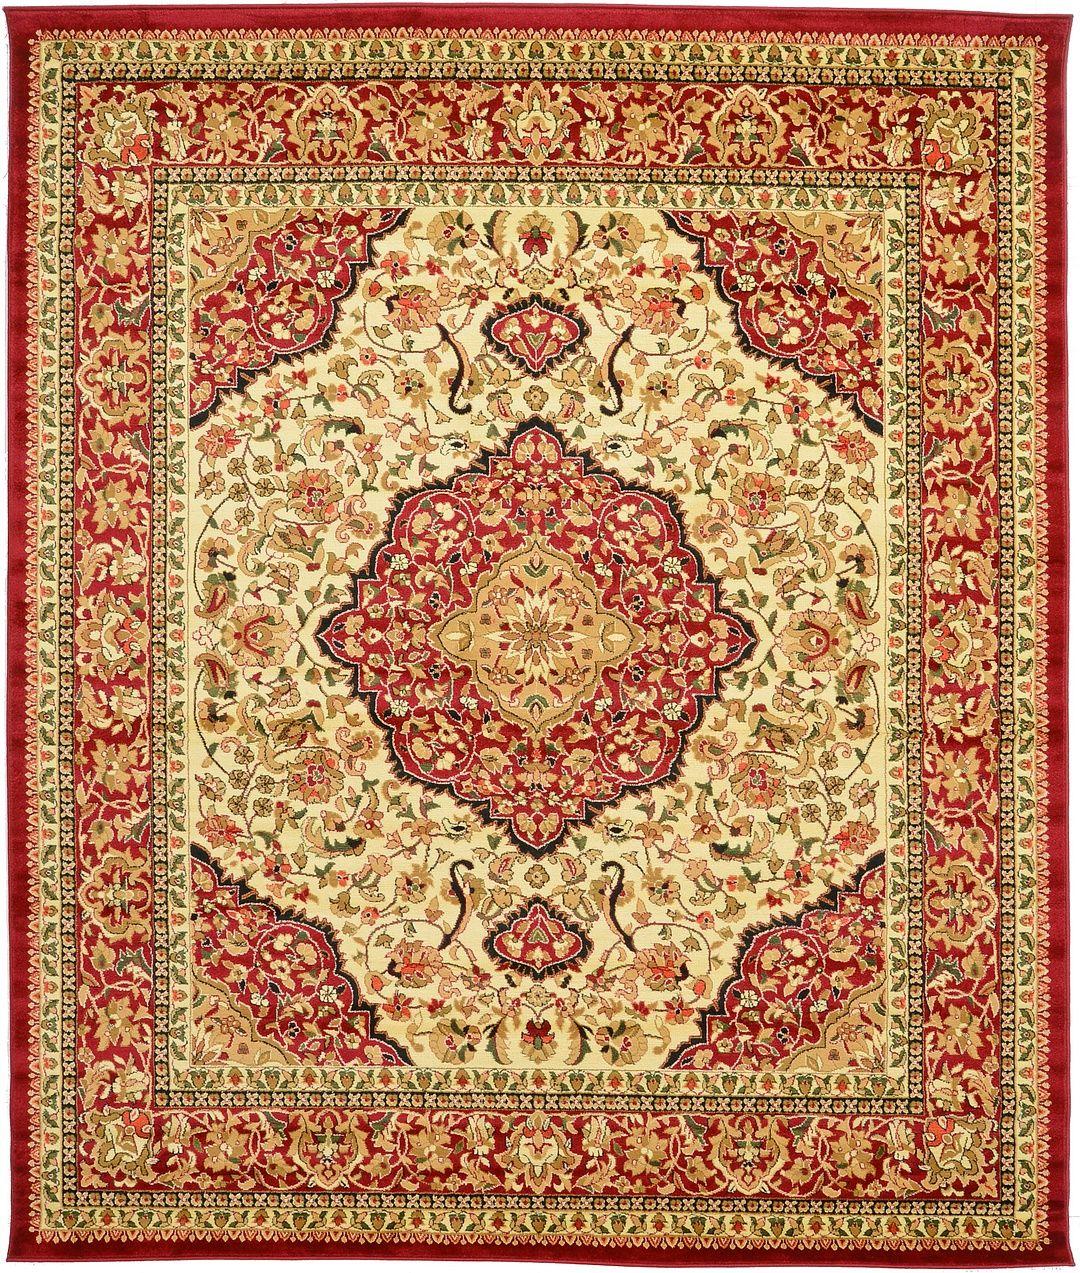 Ivory 8' 2 x 9' 10 Kashan Rug | Area Rugs | eSaleRugs